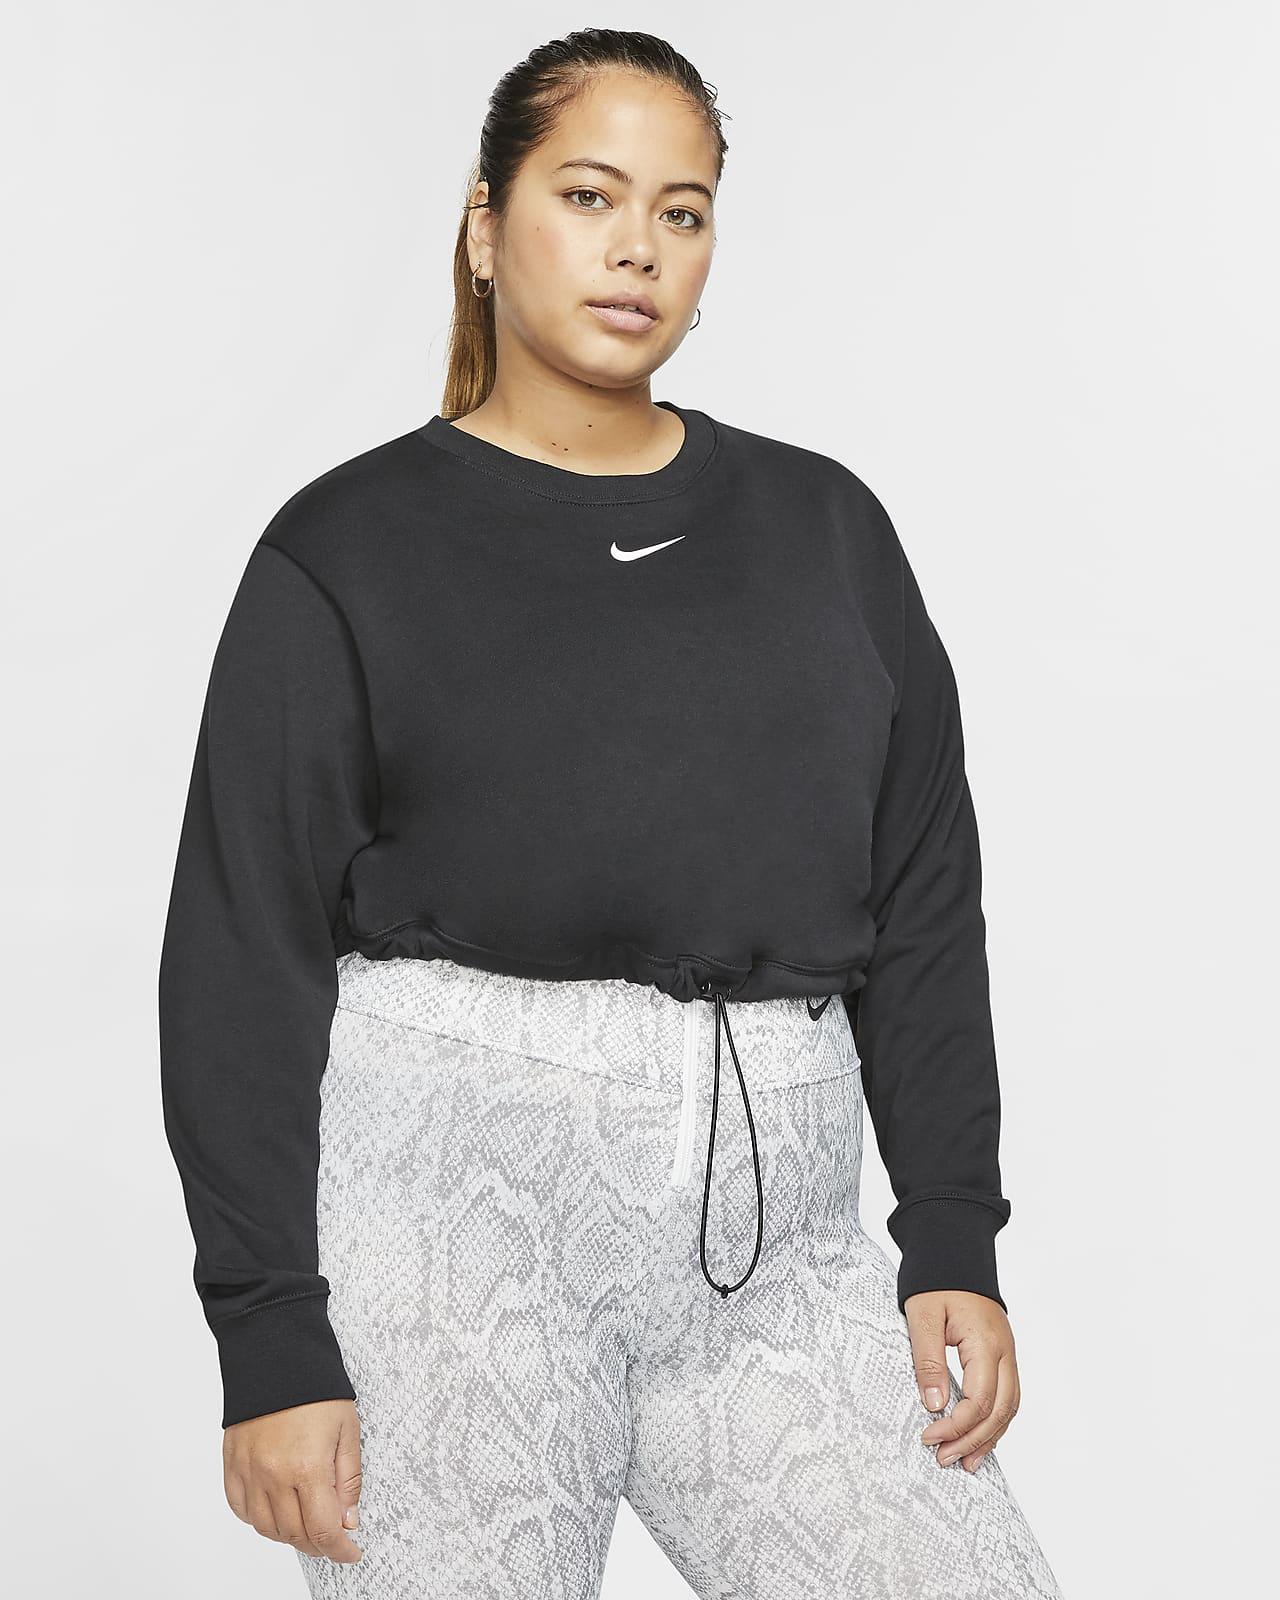 Nike Sportswear Swoosh Women's French Terry Crew (Plus Size)